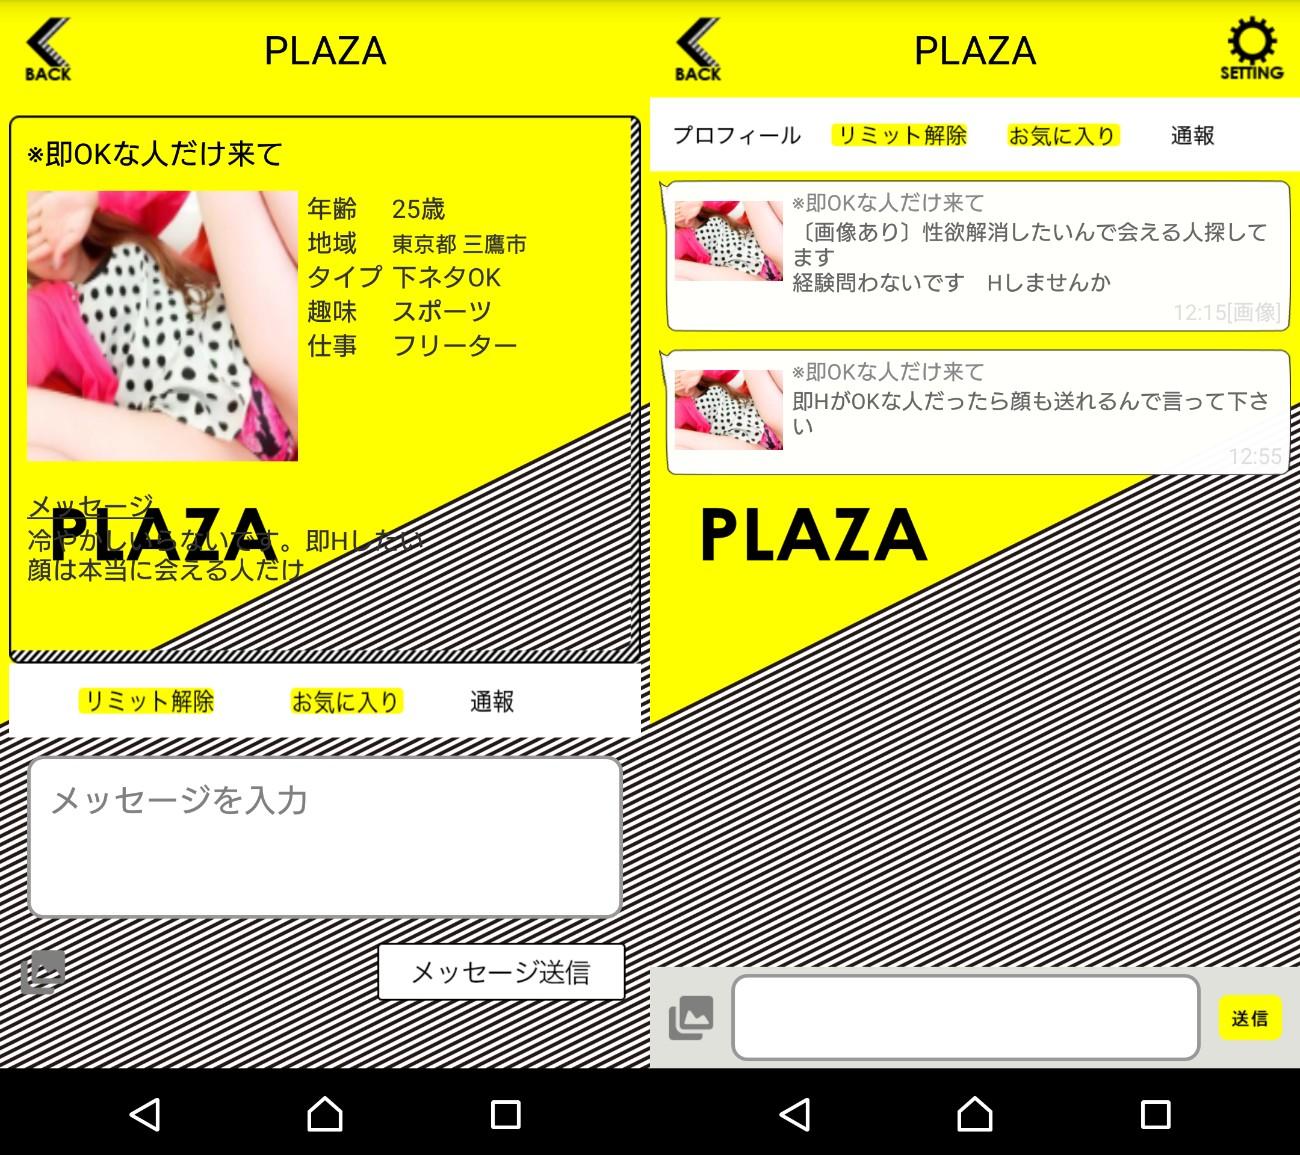 悪徳出会い系アプリ「PLAZA」サクラ